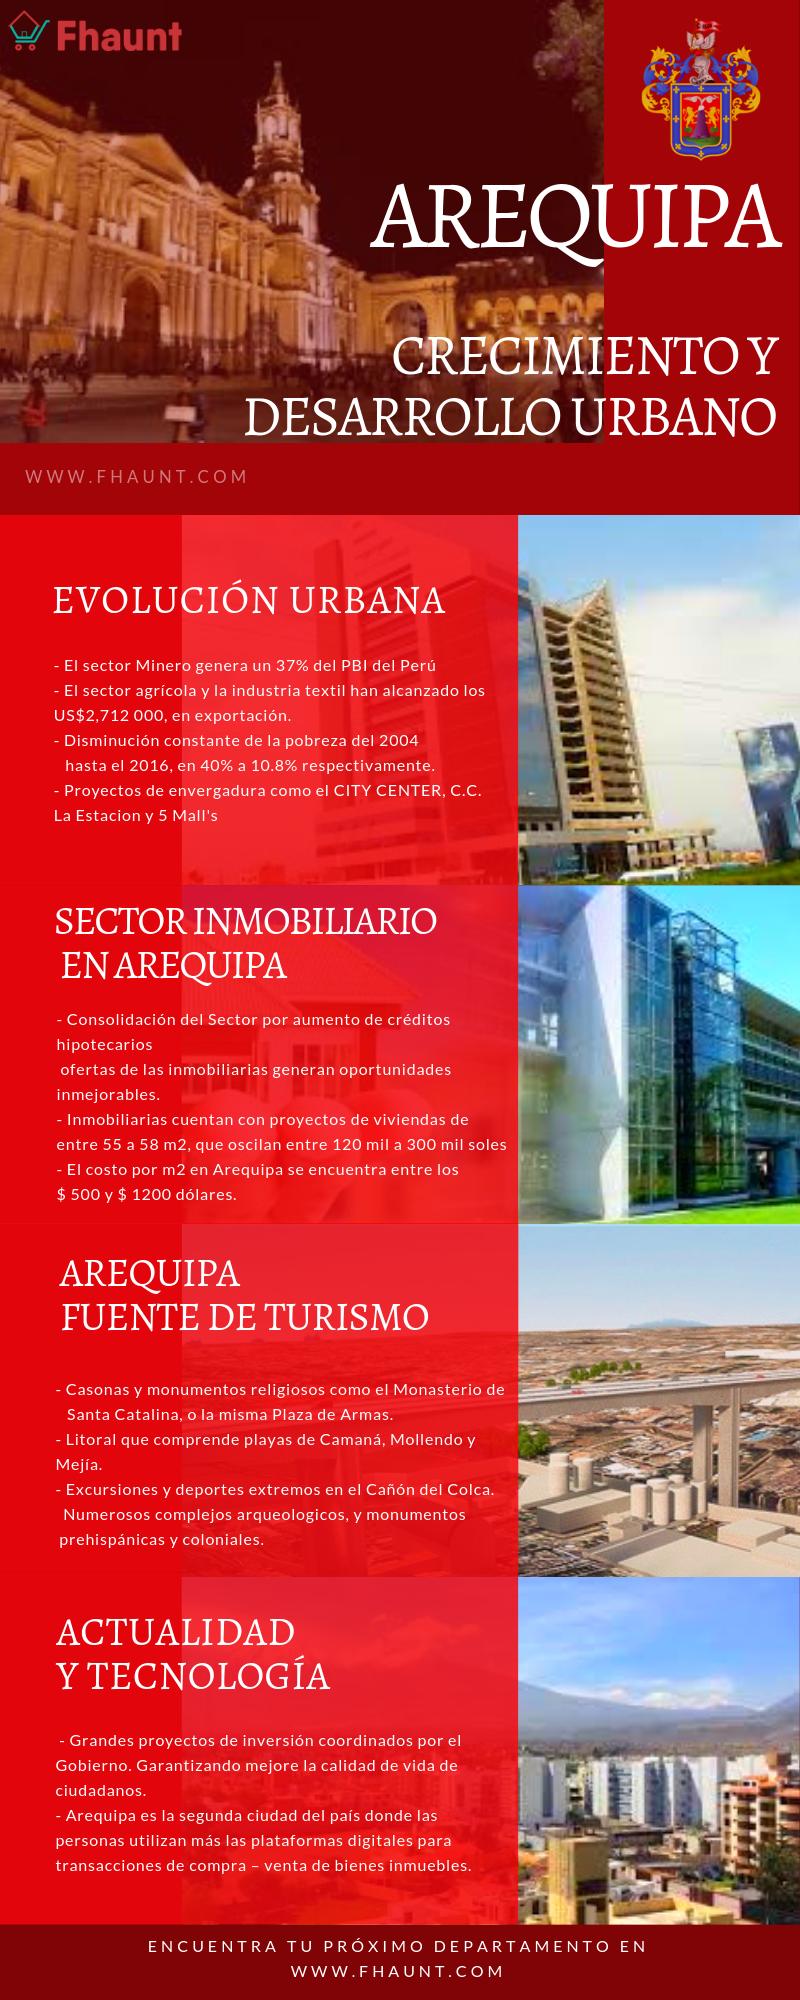 Infografía sobre Arequipa, crecimiento y desarrollo urbano